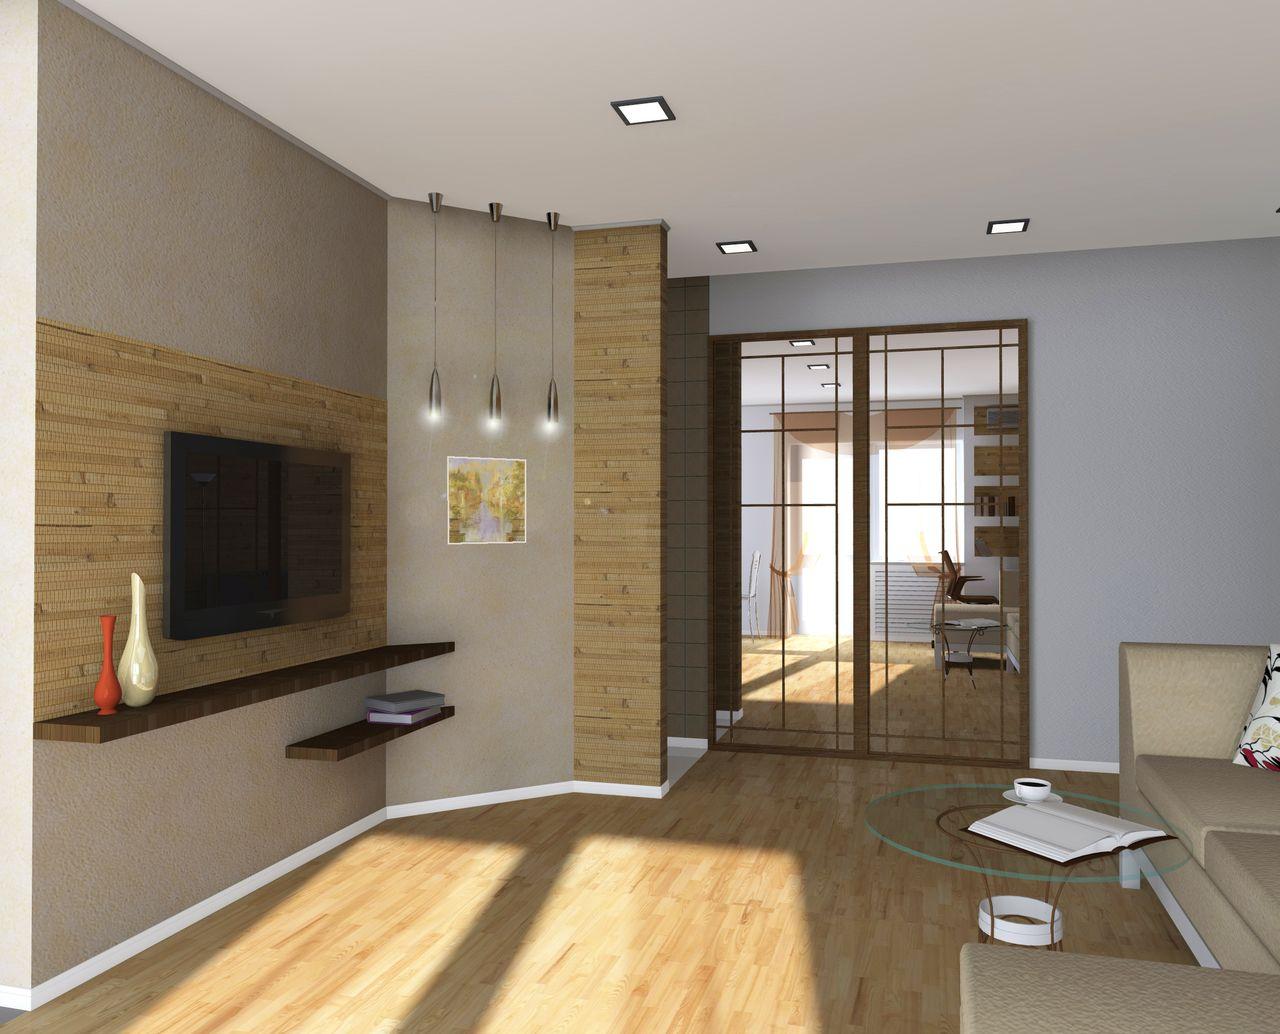 Современный дизайн интерьера квартиры - Гостевая комната вид 5